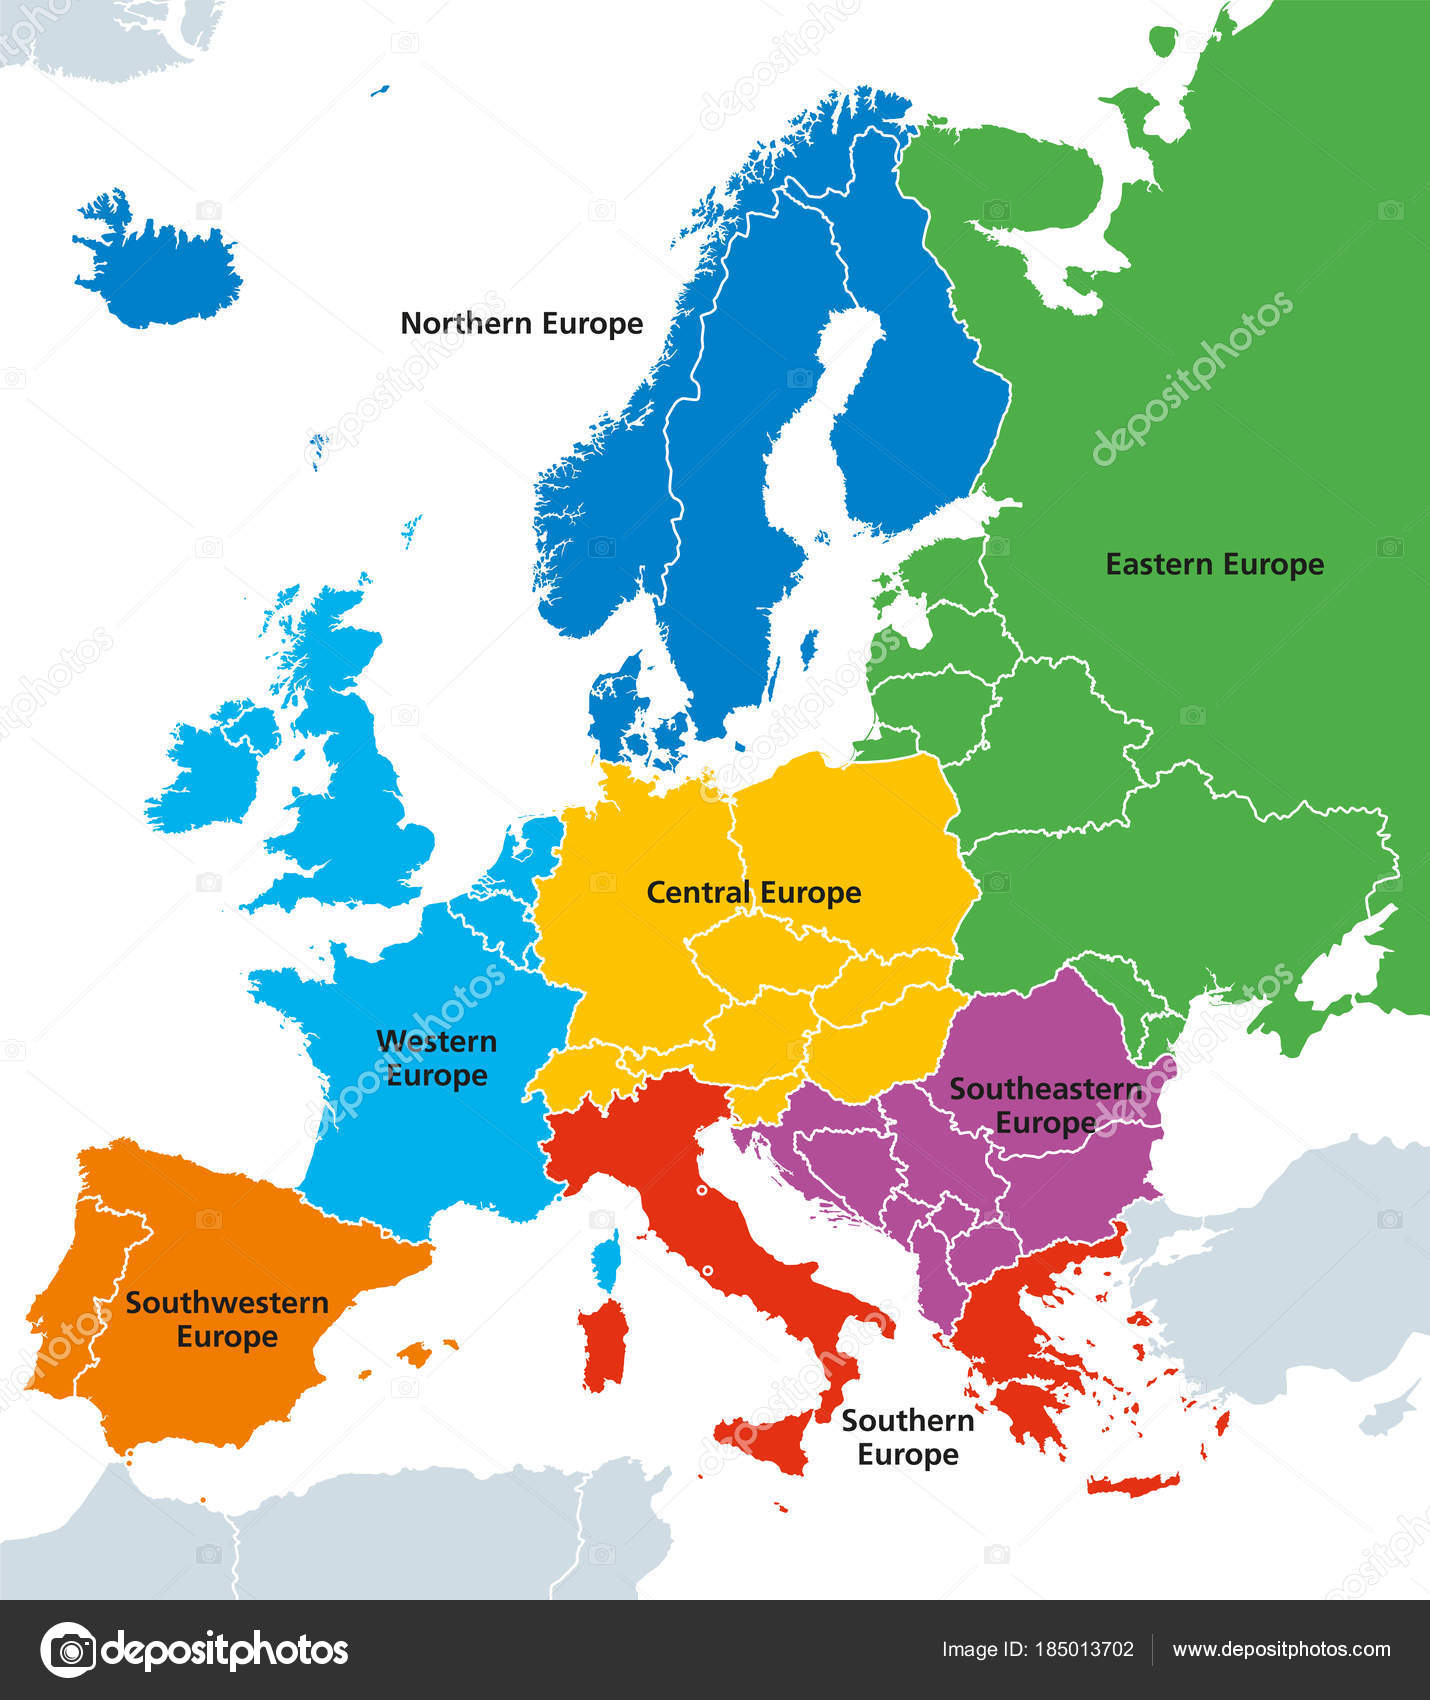 Mapa De Europa Politico.Fotos Mapas De Europa Regiones De Europa Mapa Politico